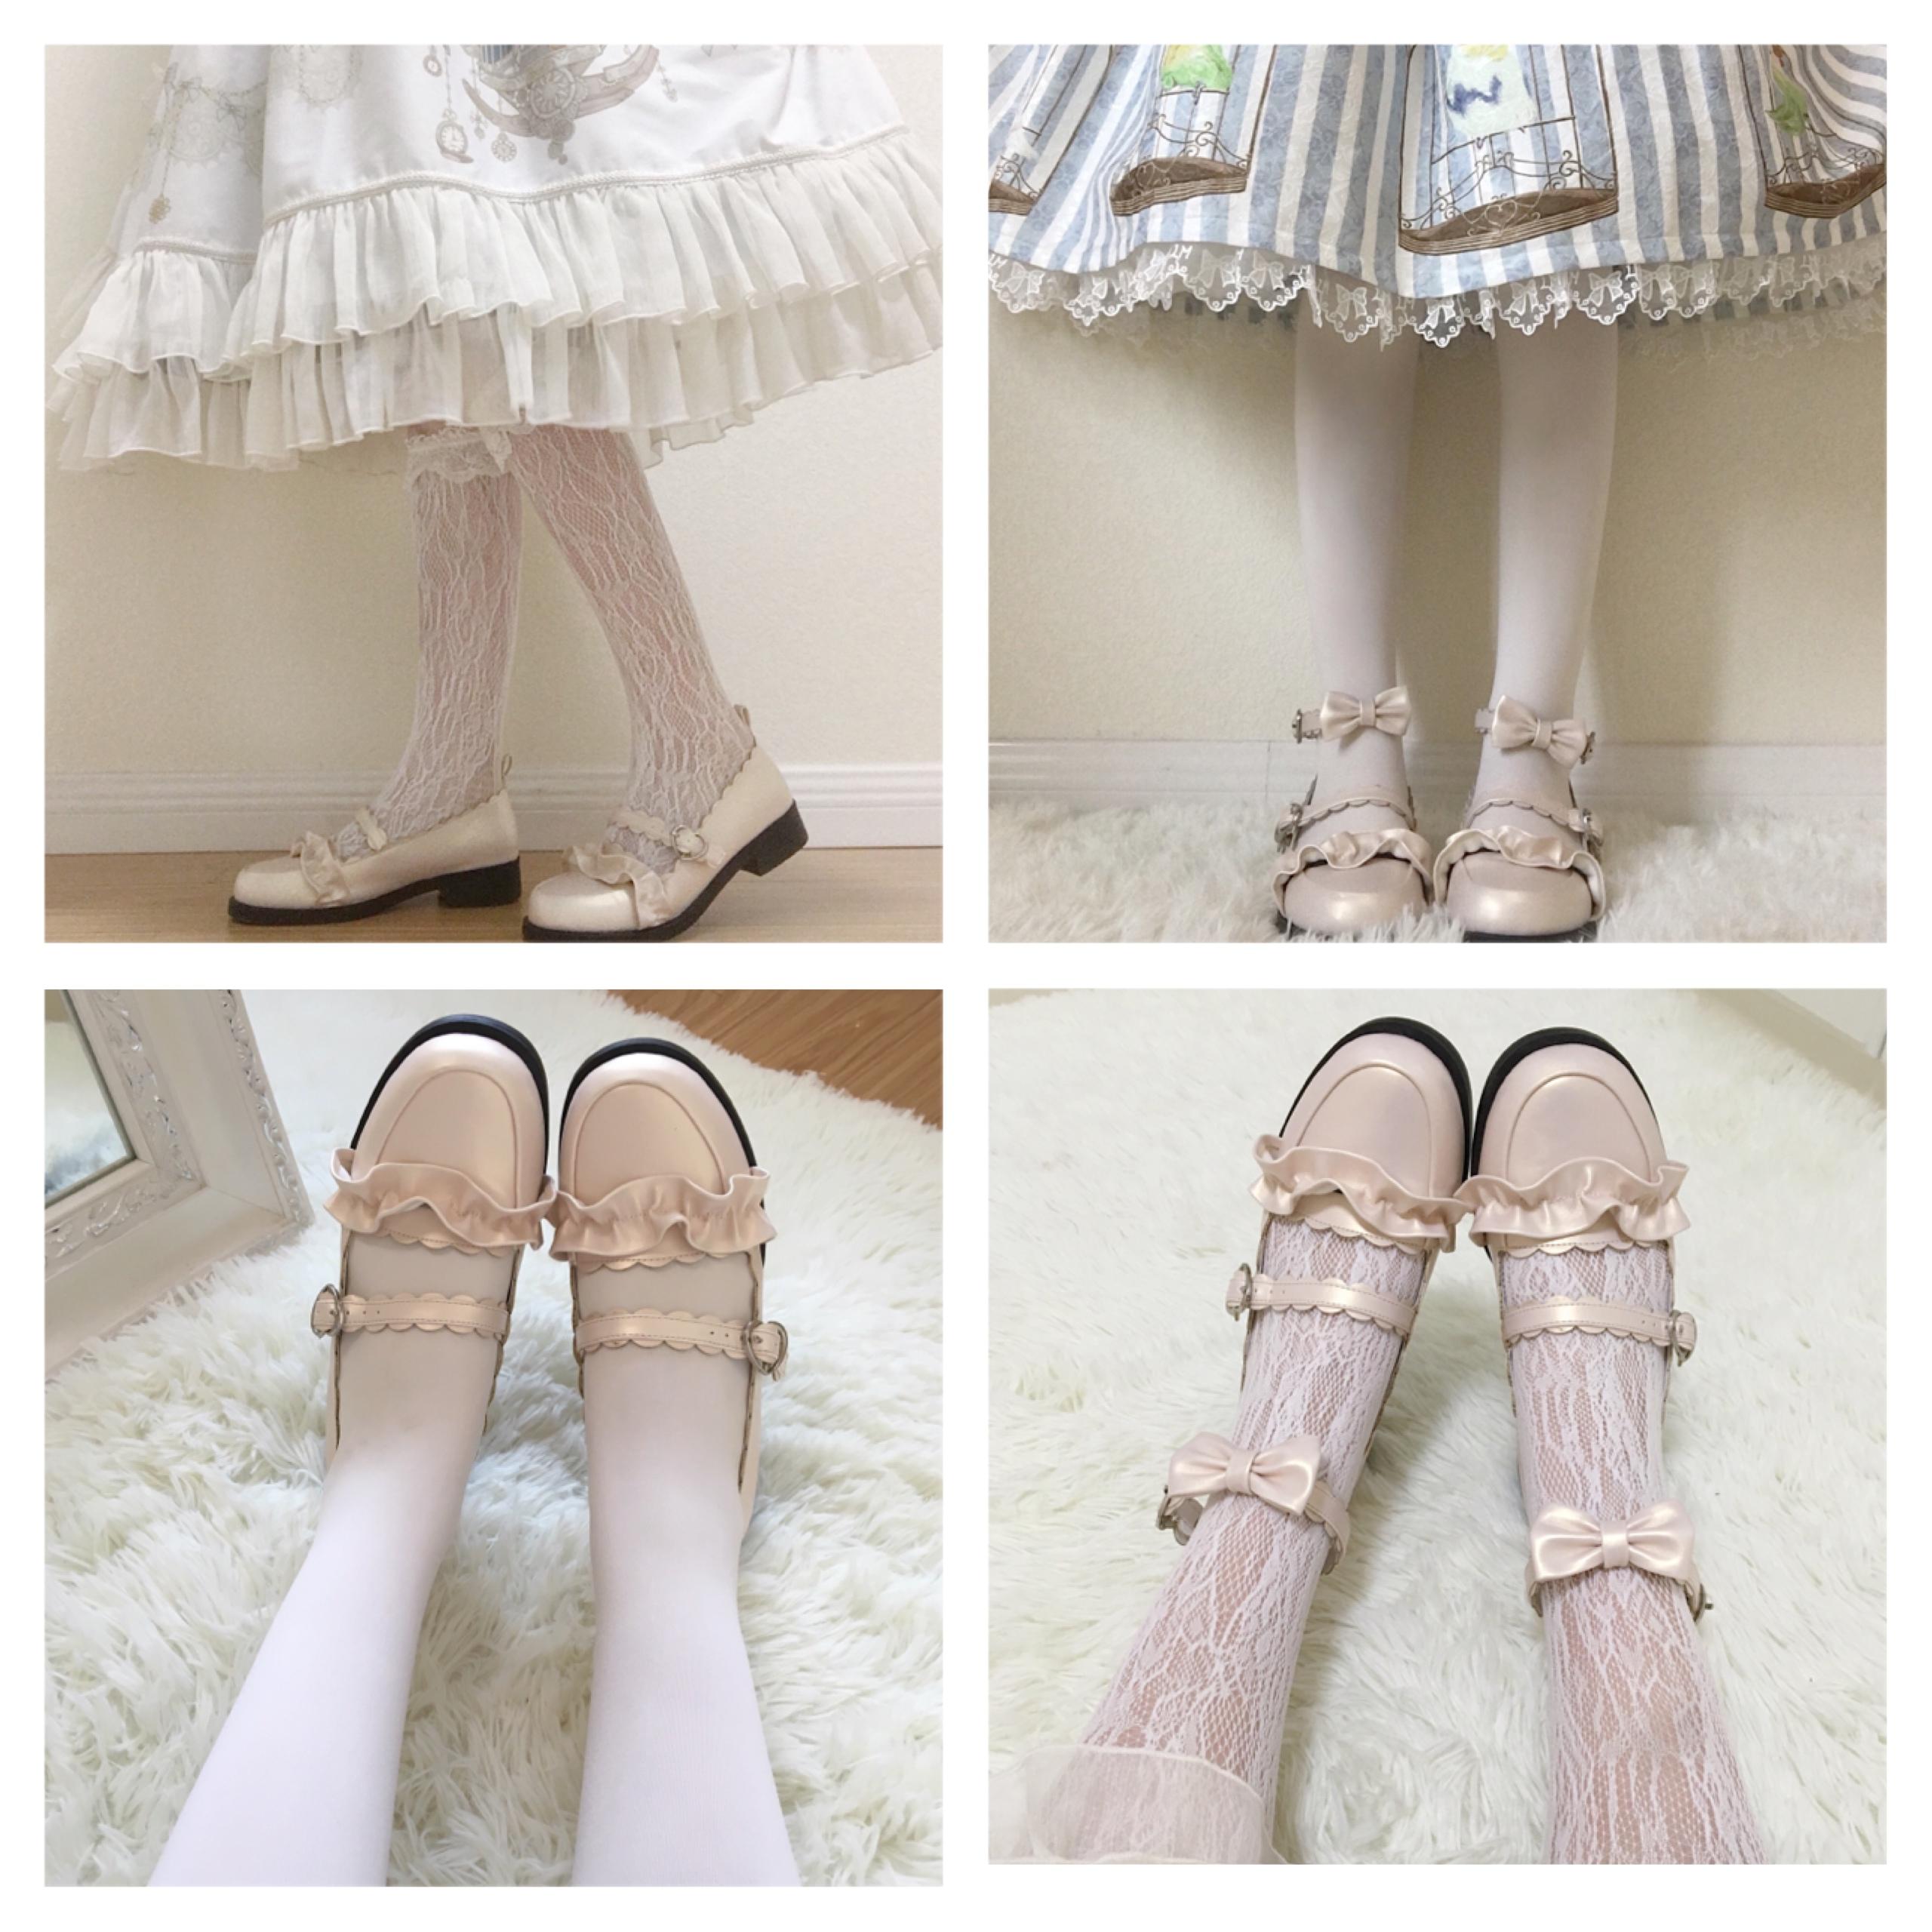 鞋日系花边圆头学生鞋 Lolita 绵羊泡芙原创 低跟梅露露 现货